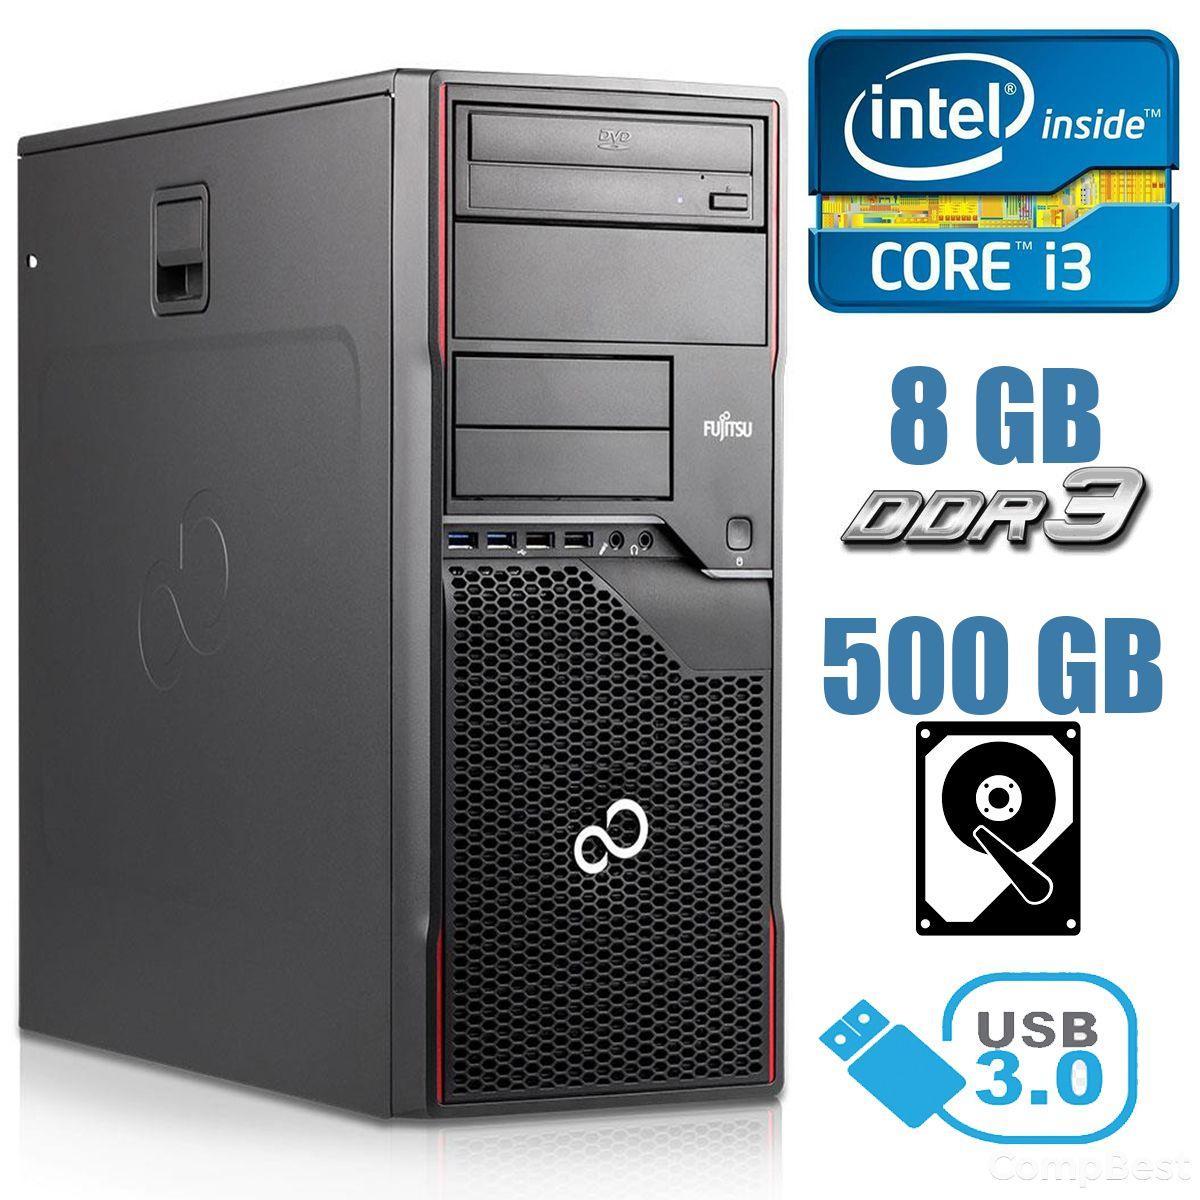 Fujitsu Celsius W420 MT / Intel Core i3-3220 (2 (4) ядер по 3.30 GHz) / 8 GB DDR3 / 500HDD / USB 3.0